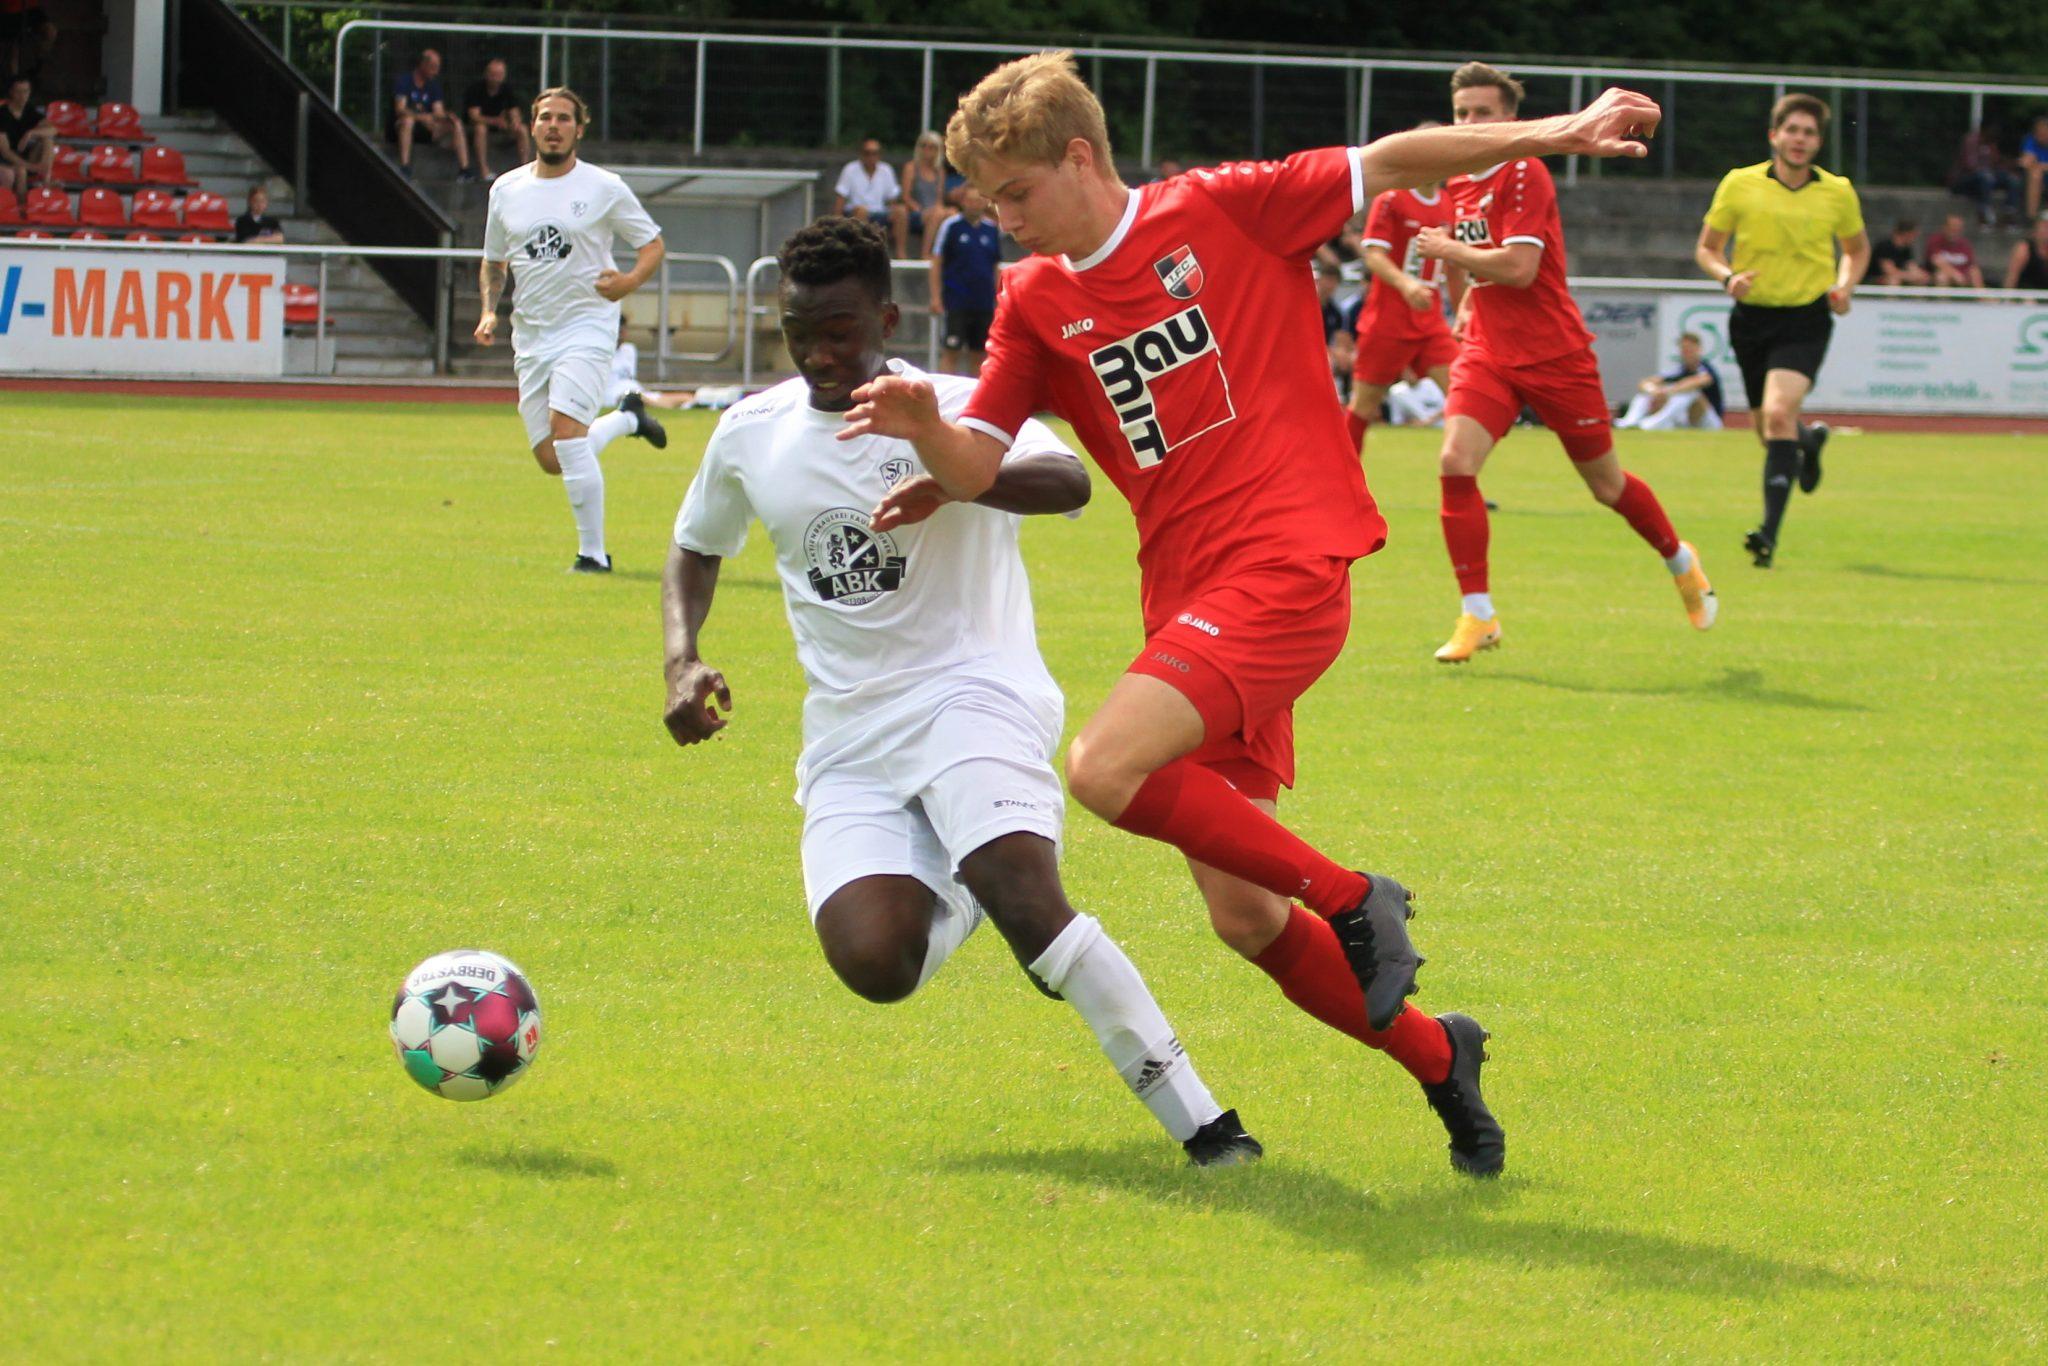 SpVgg Kaufbeuren – 1.FC Sonthofen 2:2 (0:1)